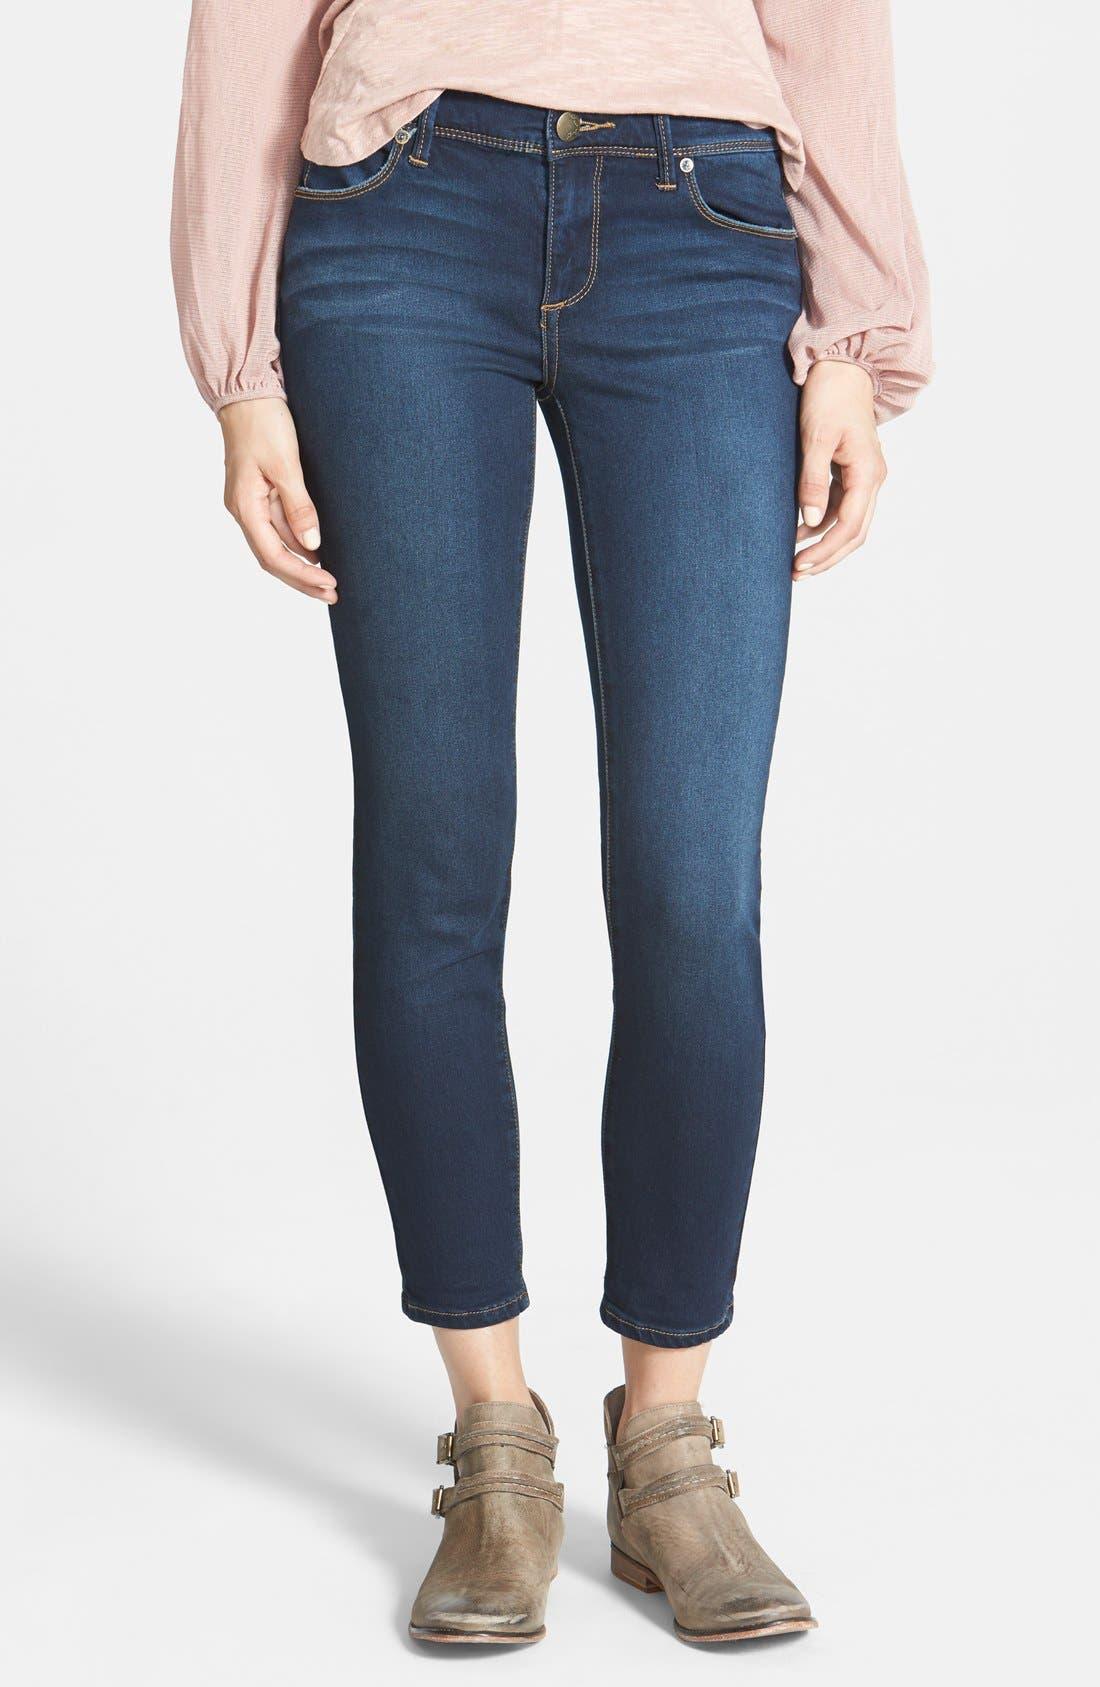 Main Image - Free People 'Roller' Crop Skinny Jeans (Ella)